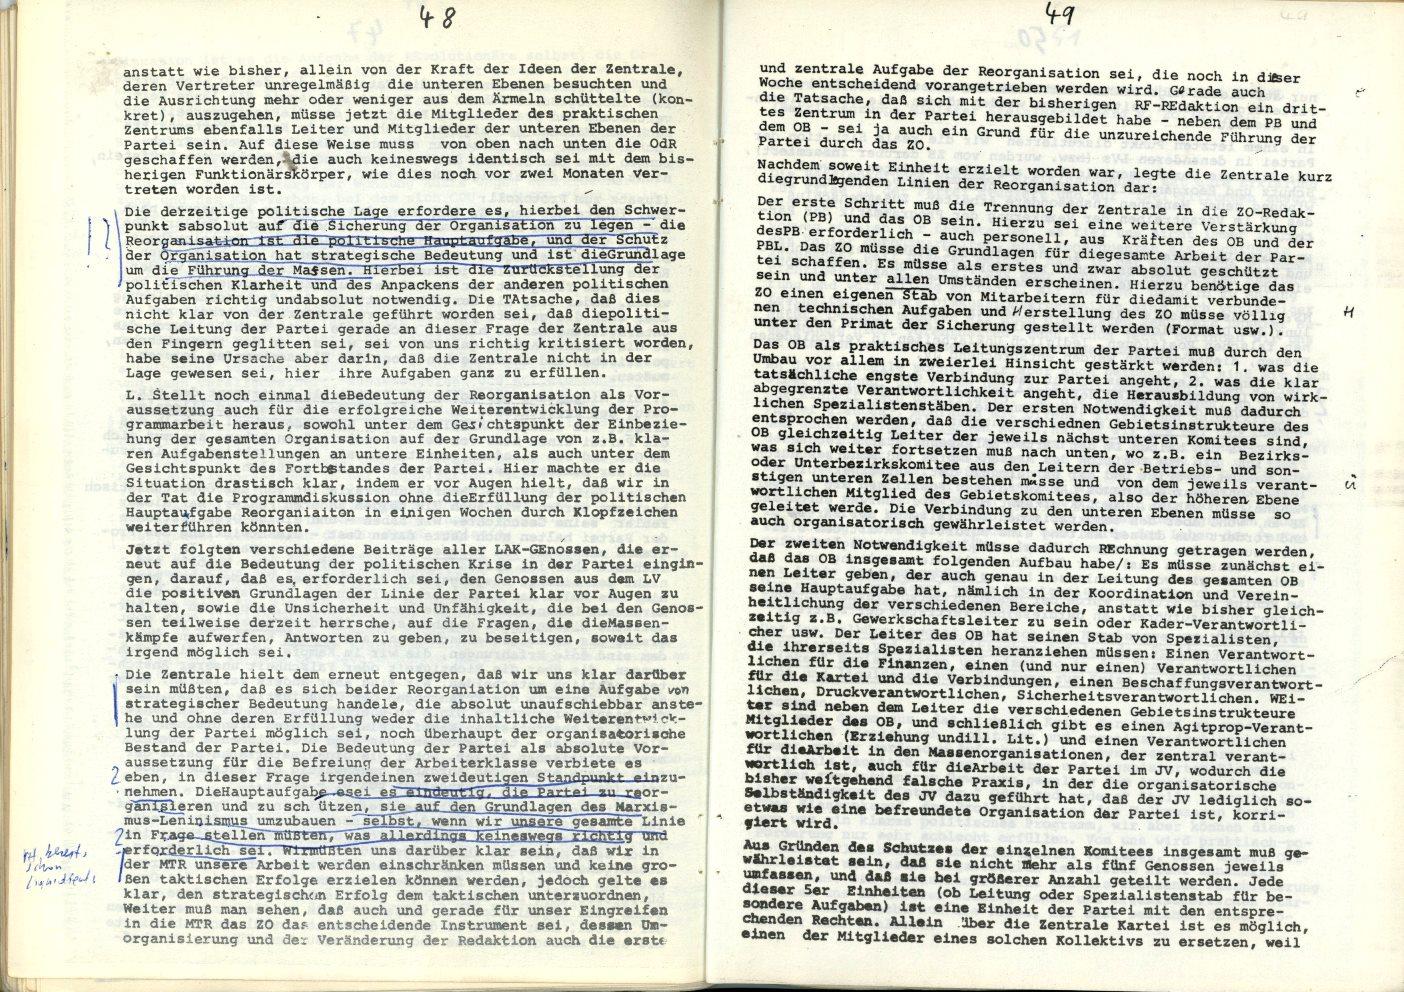 ZB_1972_Diskussionsorgan_zur_ersten_Parteikonferenz_27